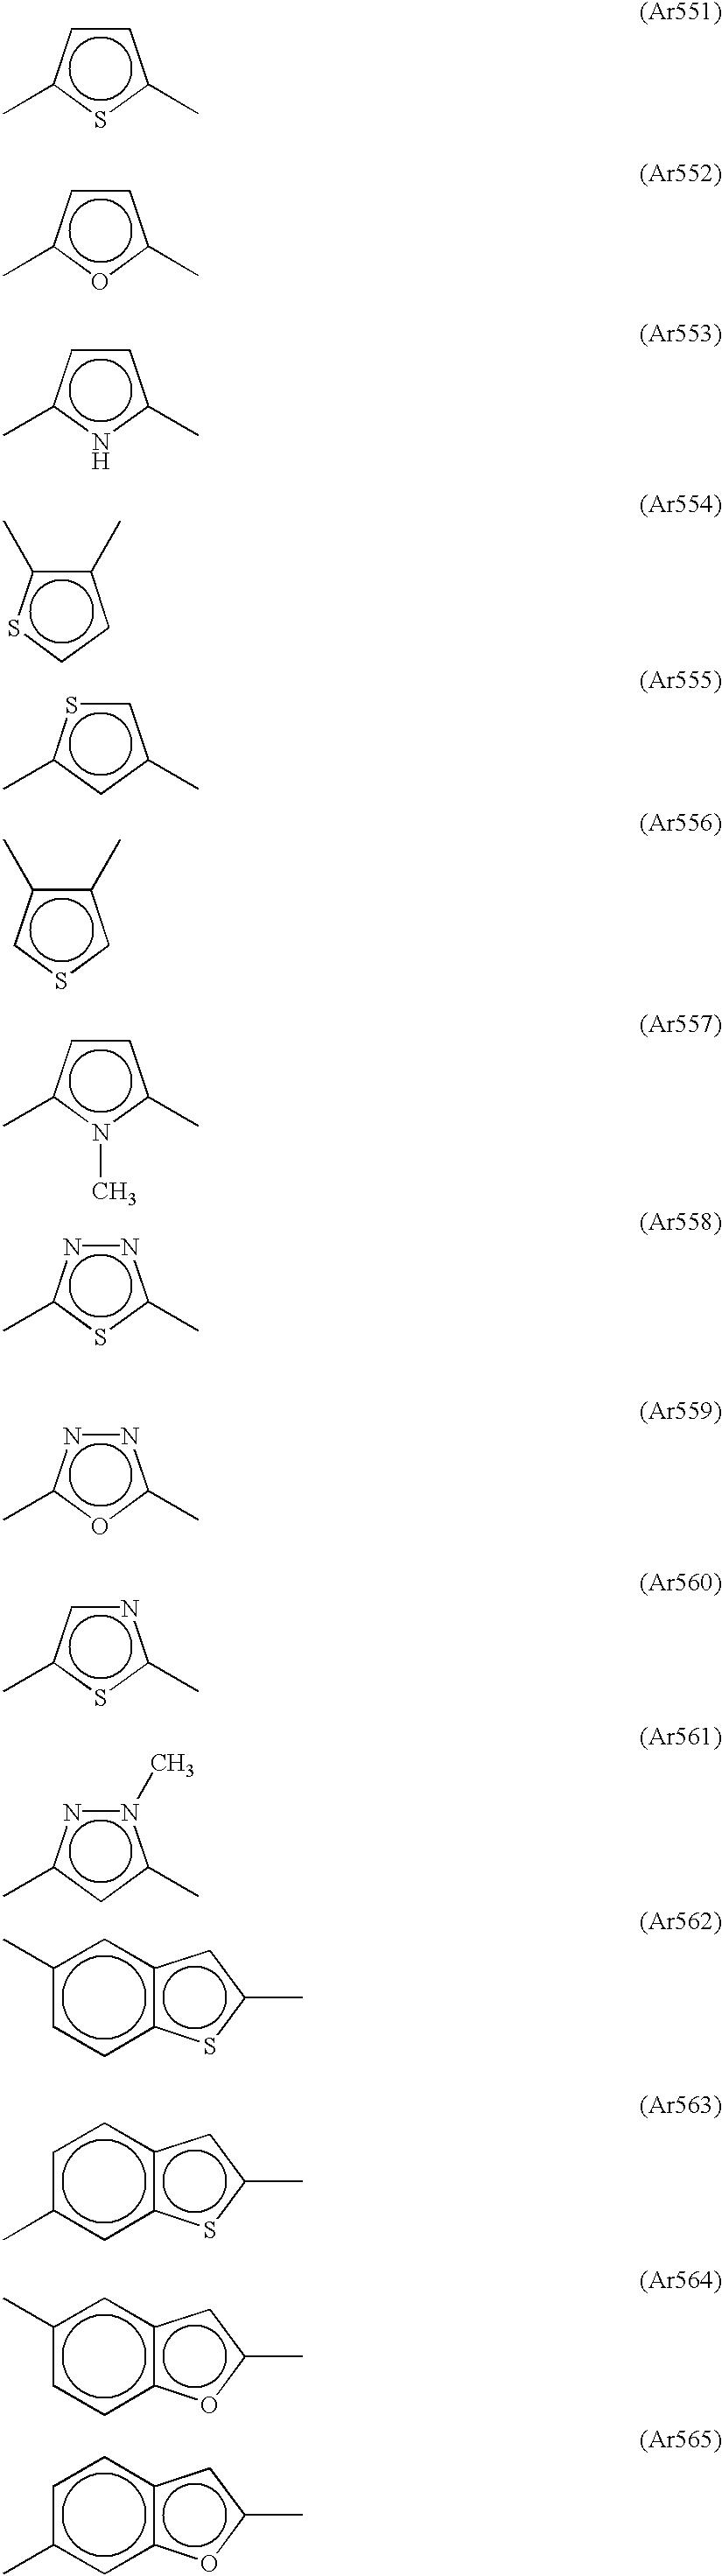 Figure US07128953-20061031-C00007